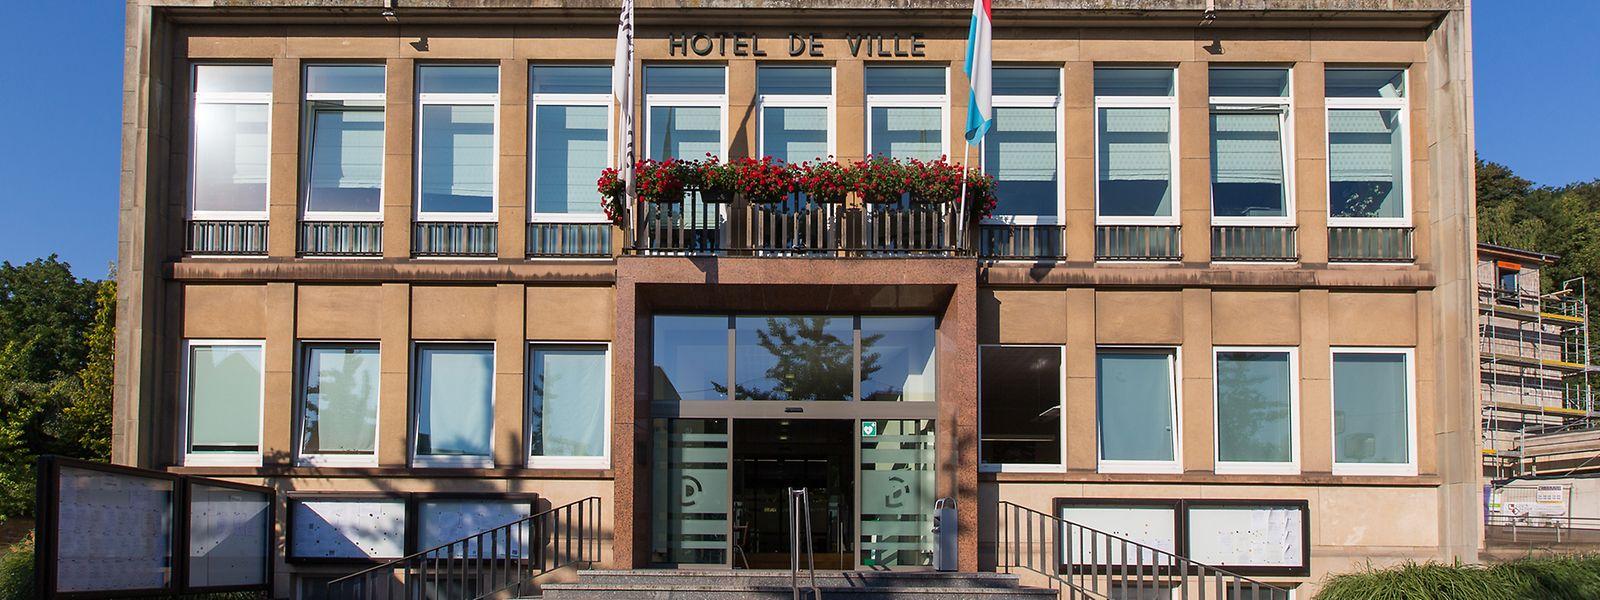 Kommt es nicht zu einer weiteren Wende, dann dürften die Räte im Differdinger Rathaus am 9. Oktober über die Kandidatur von Christiane Brassel-Rausch (Déi Gréng) als Bürgermeisterin abstimmen.